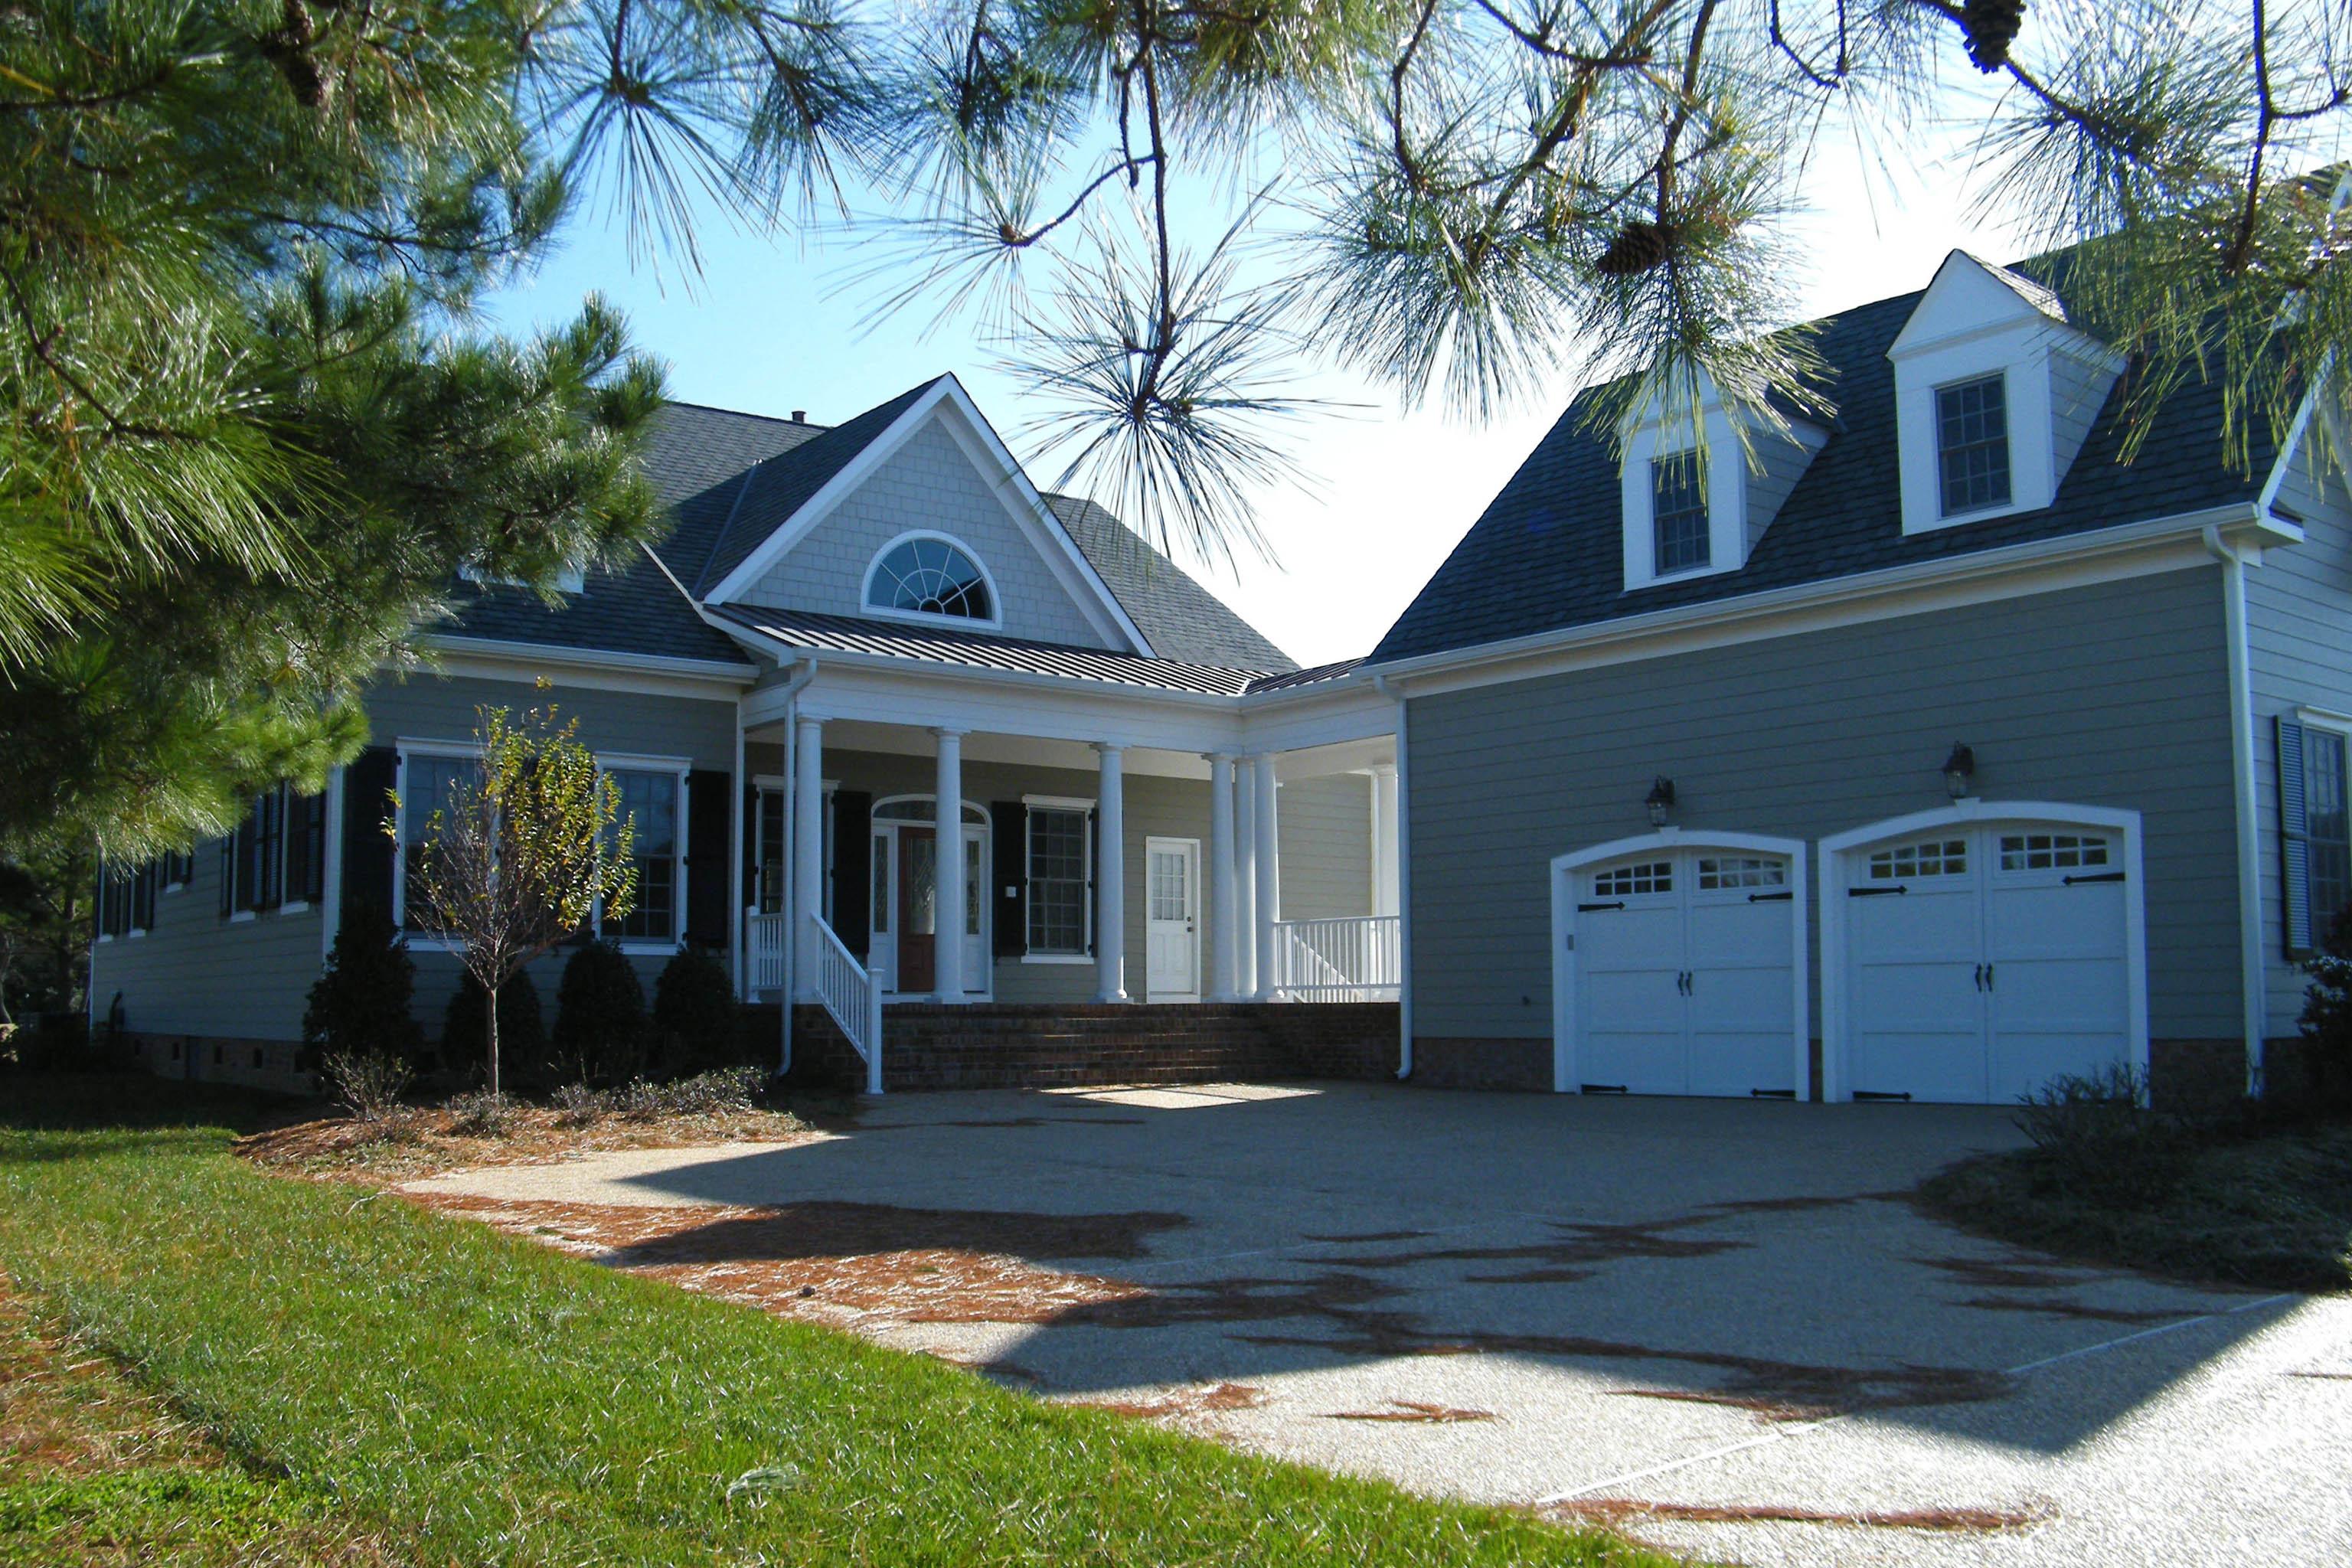 House Plan 145 - Baycreek